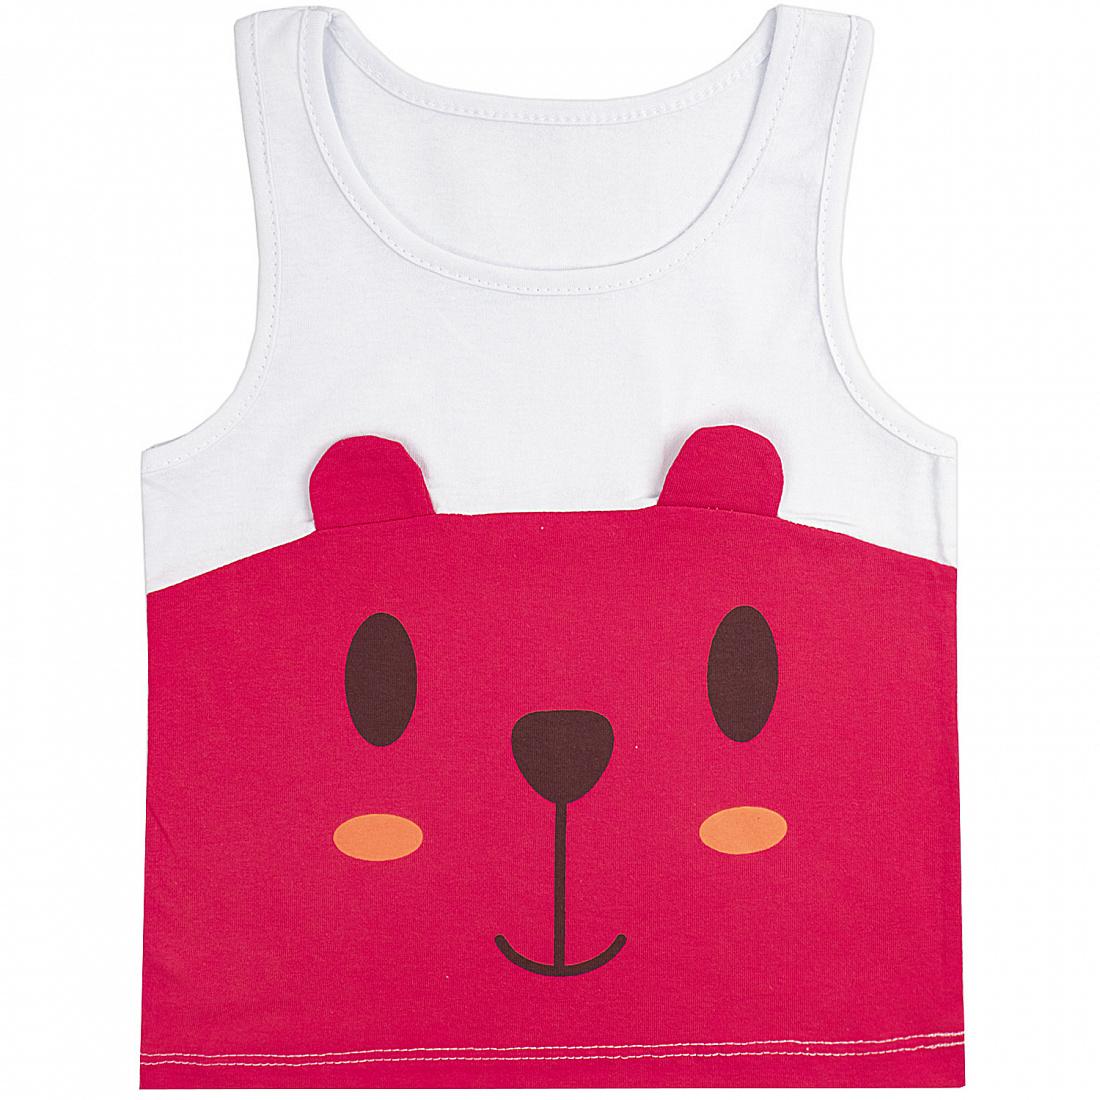 Купить 340К, Майка детская Юлла, цв. красный р. 80, Детские футболки